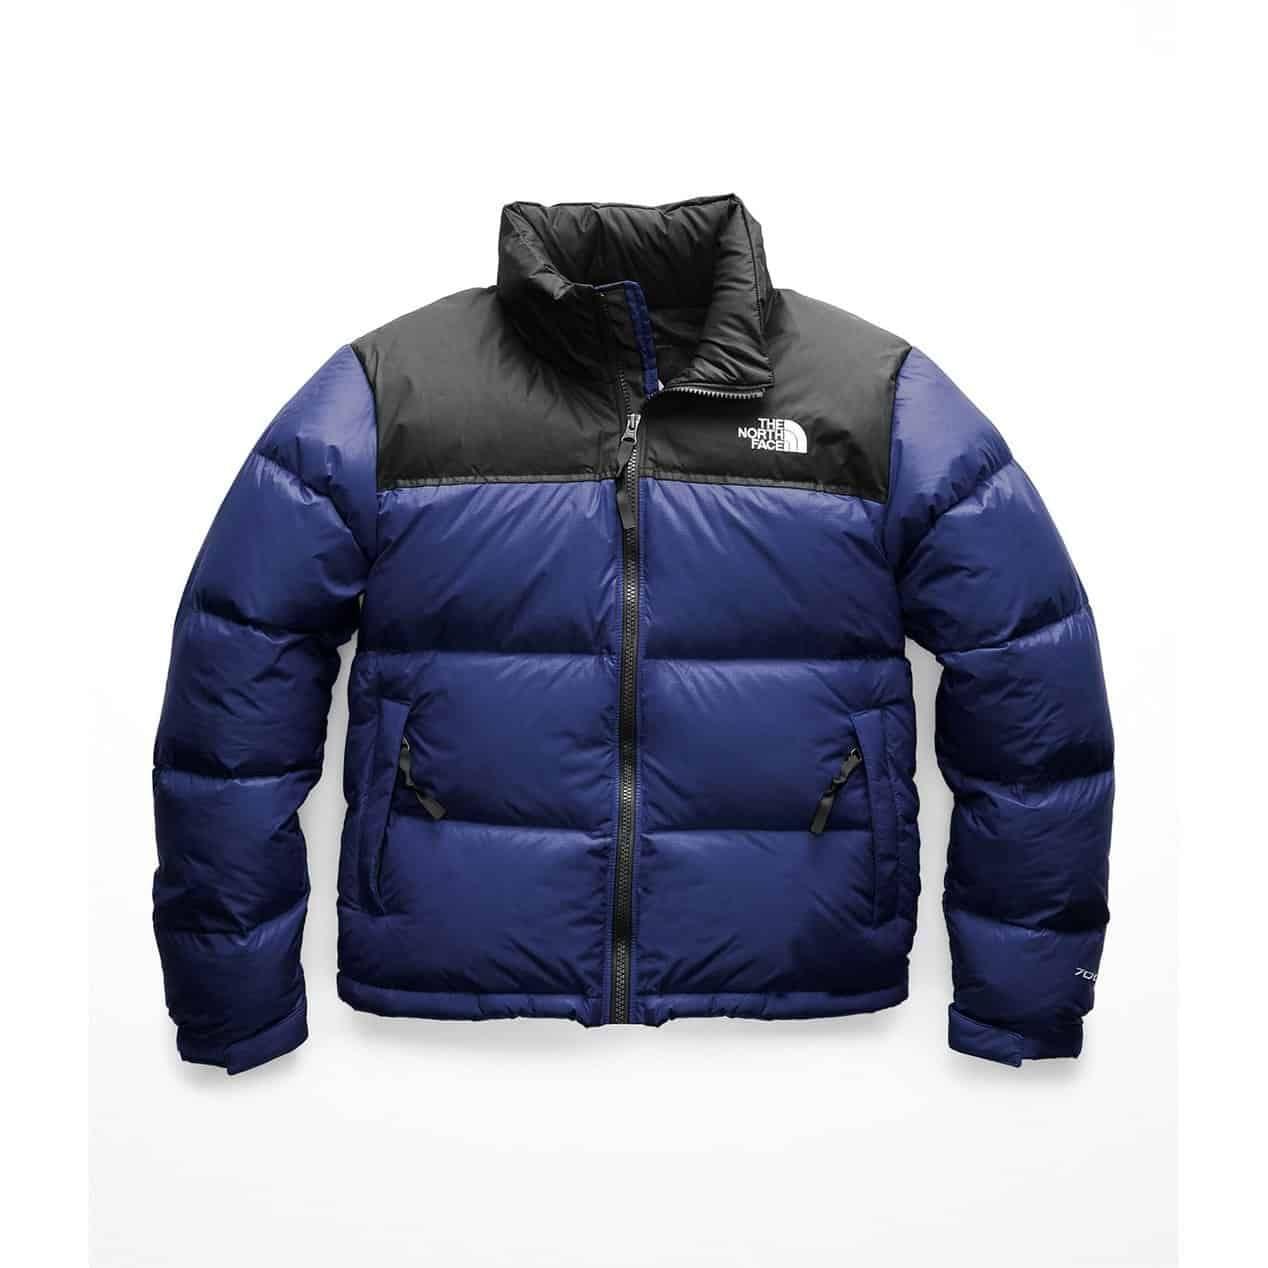 83d62cb7ad Nuptse: le retour du manteau d'hiver emblématique de The North Face